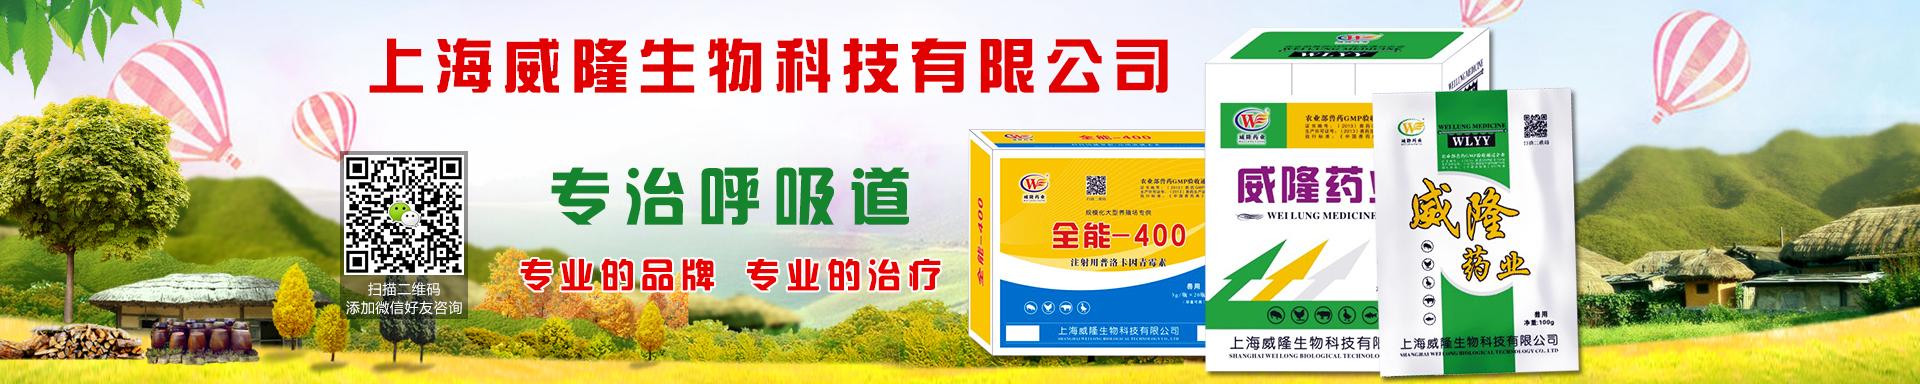 上海威隆生物科技有限公司